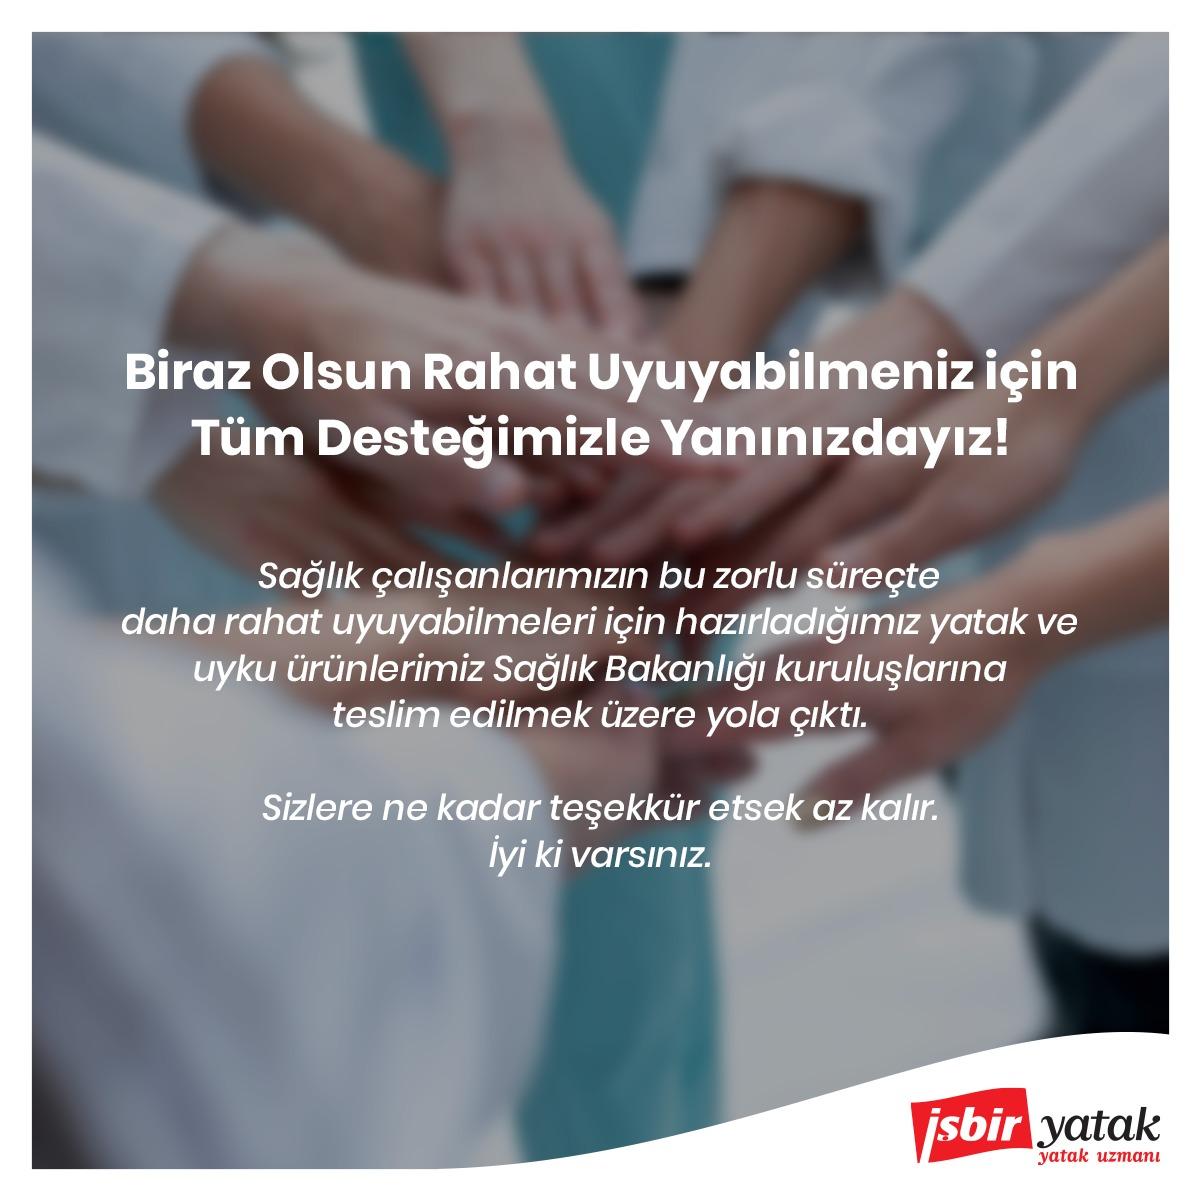 İşbir Yatak'tan Sağlık Personellerine Destek